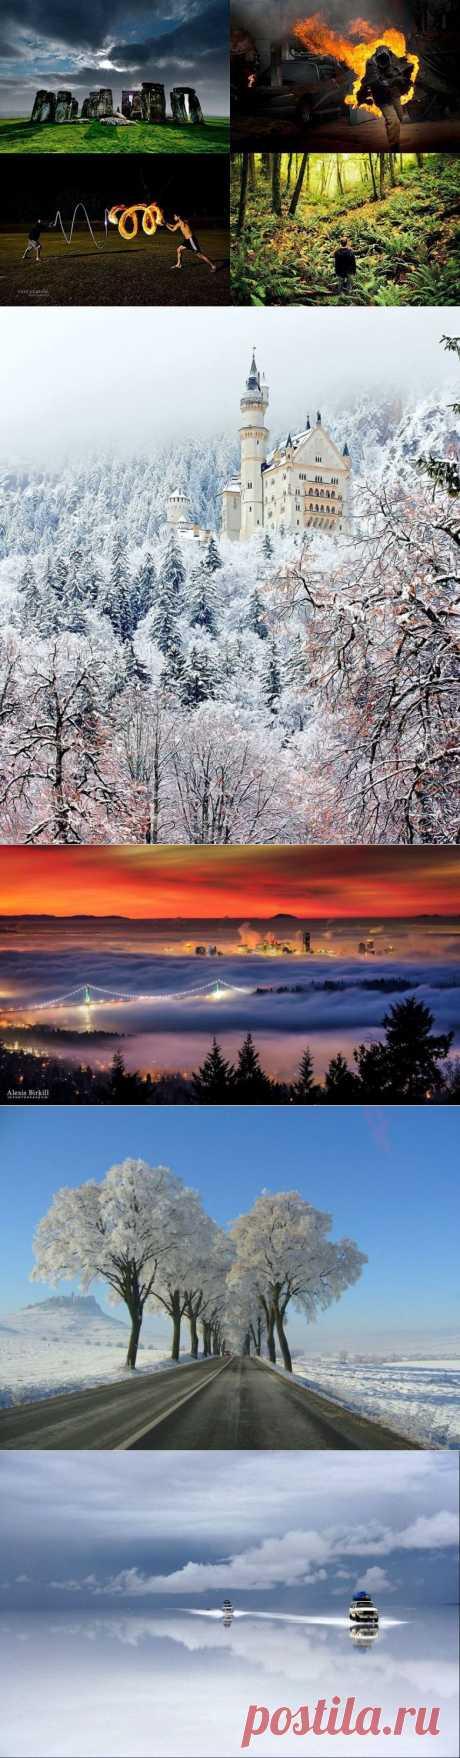 Любимые кадры глазами и словами фотографов / Всё самое лучшее из интернета